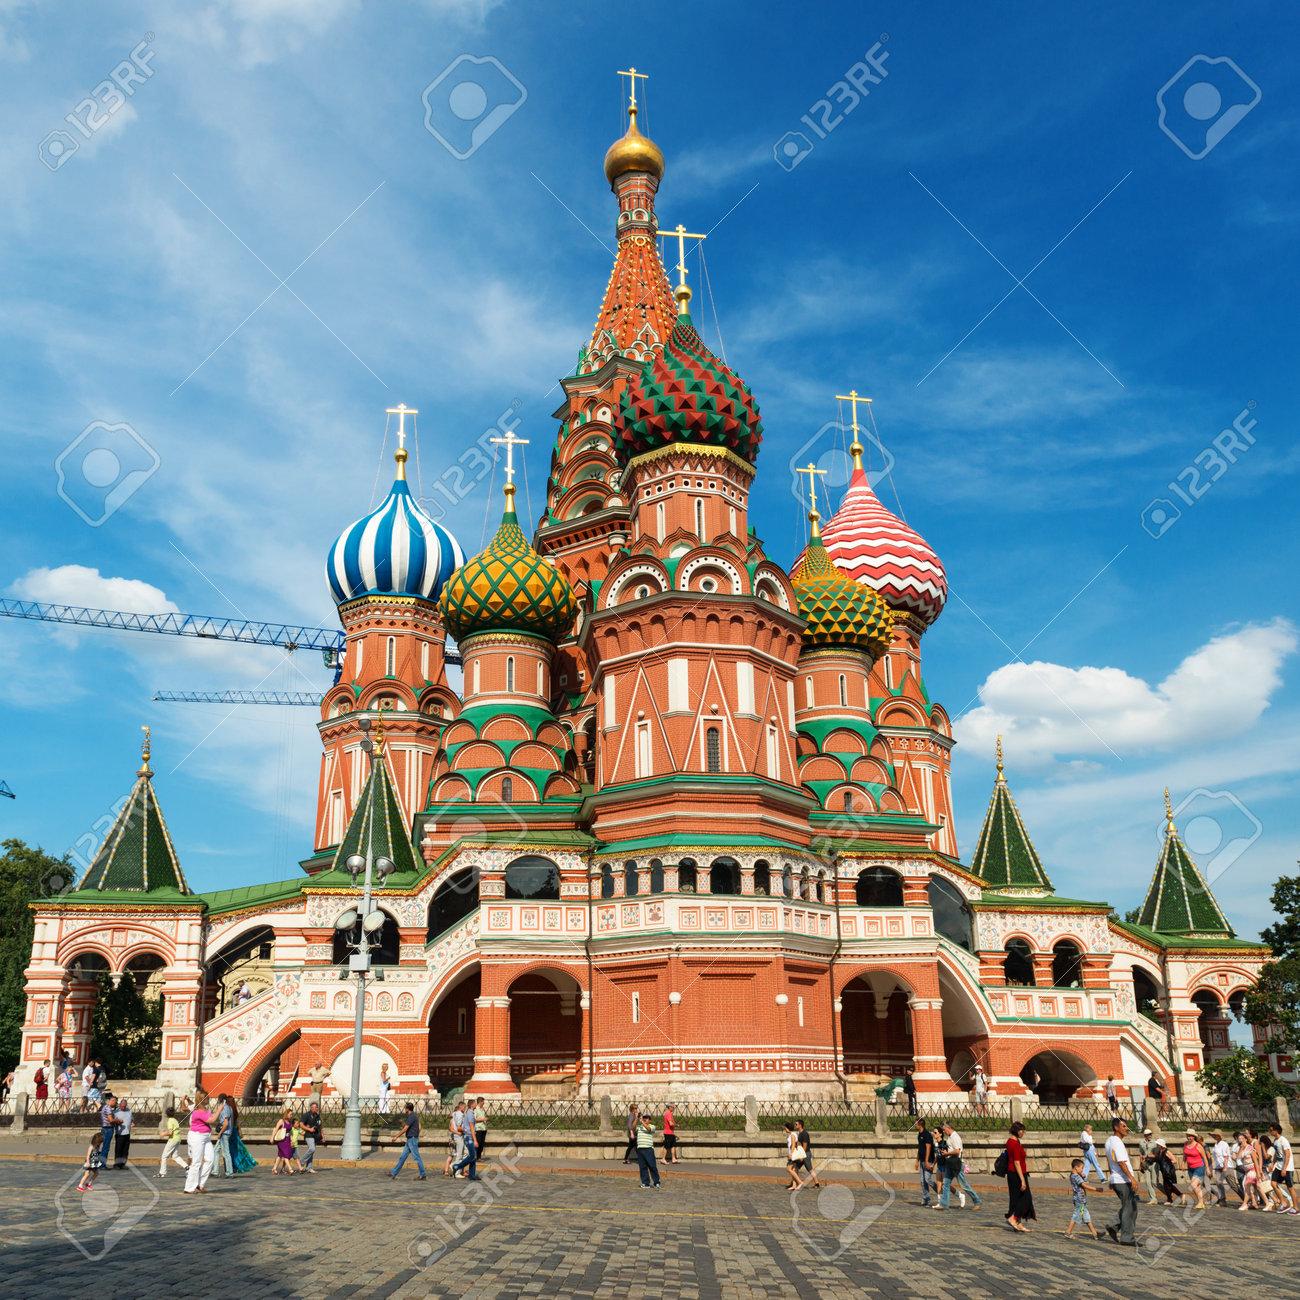 ポクロフ スキー大聖堂をモスク...